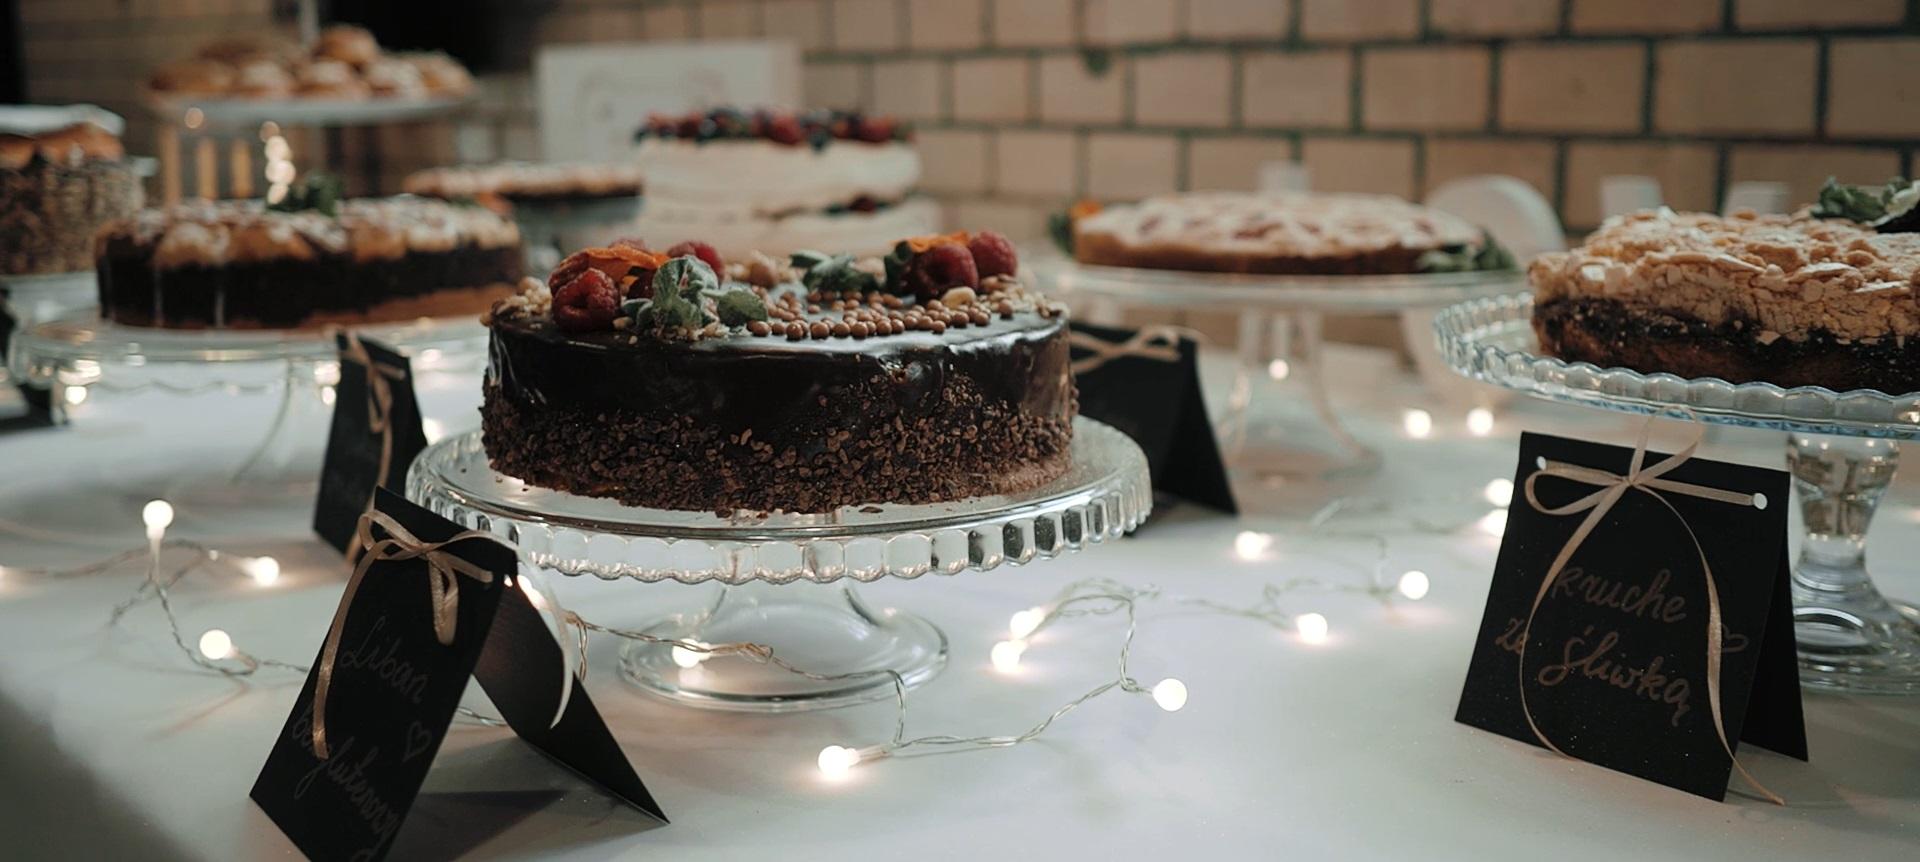 słodki stół na weselu katowice śląsk